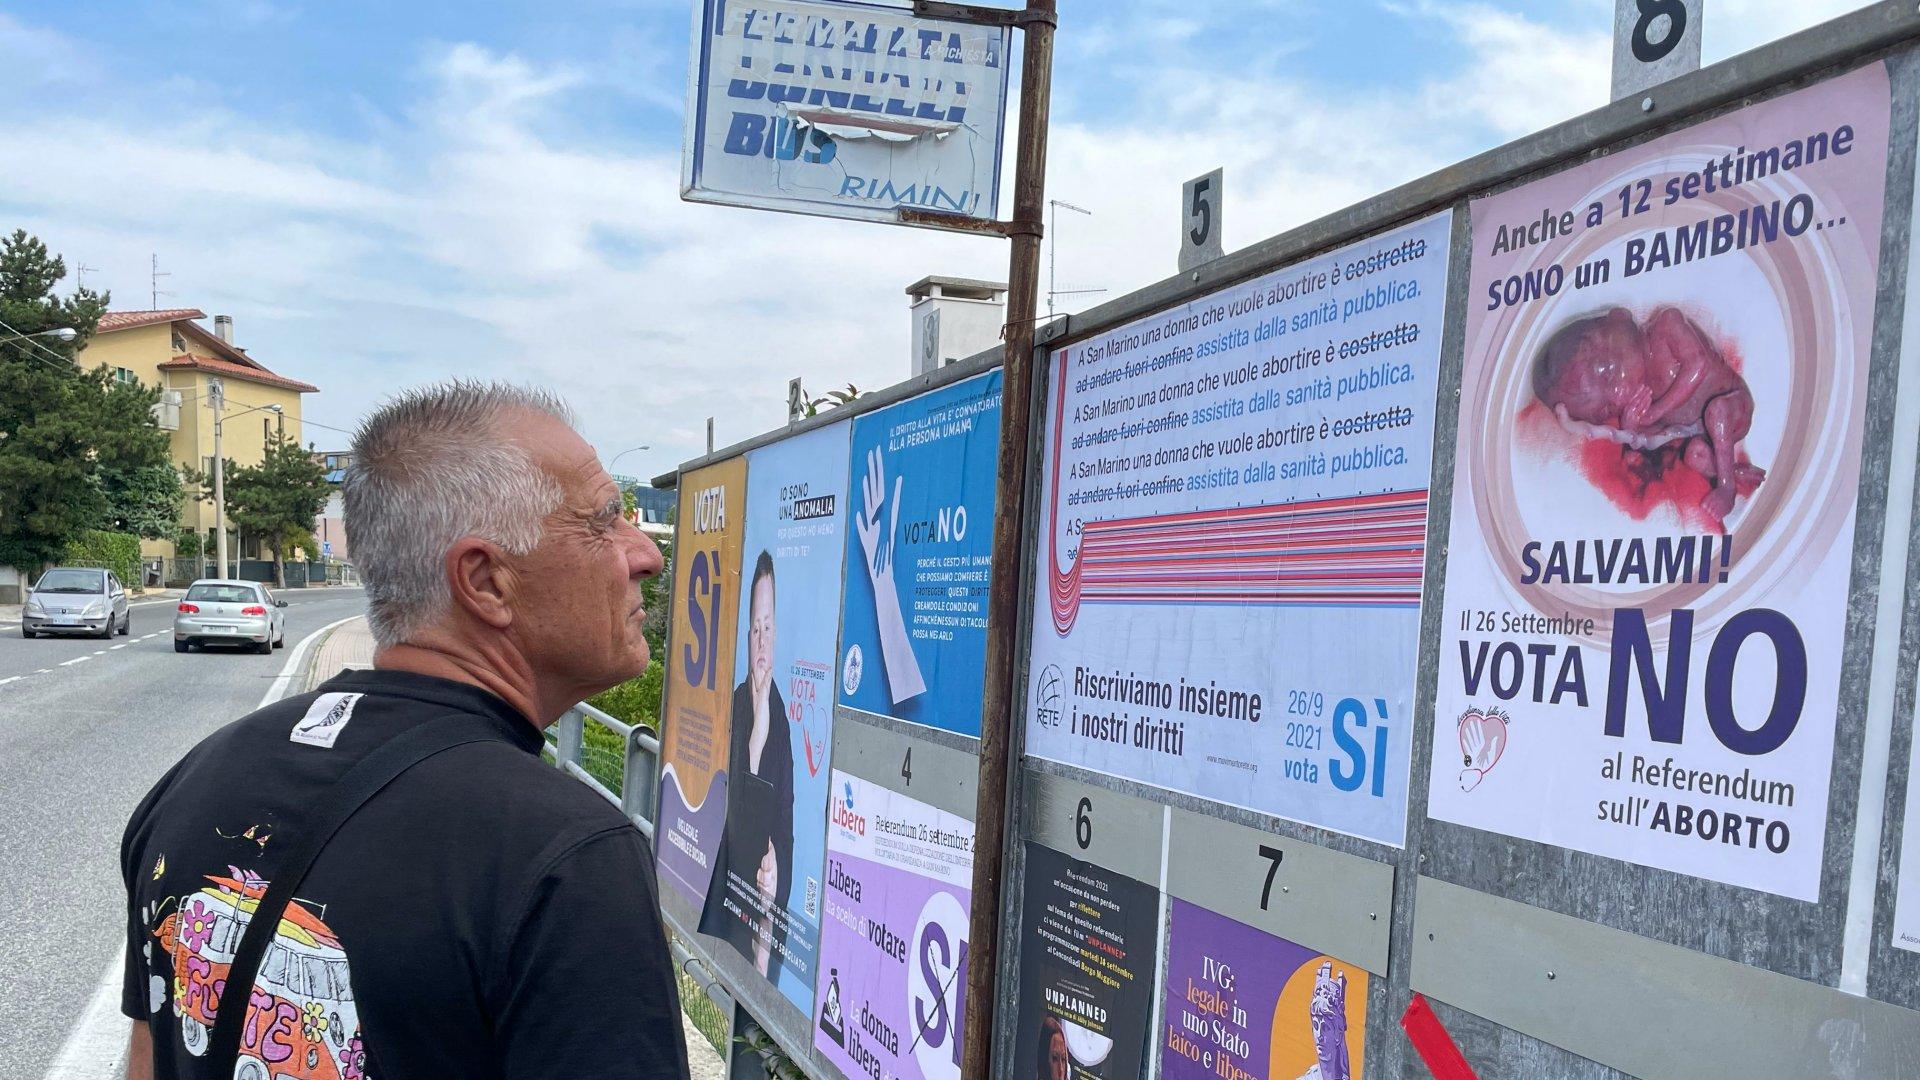 Népszavazás az abortuszról San Marinóban